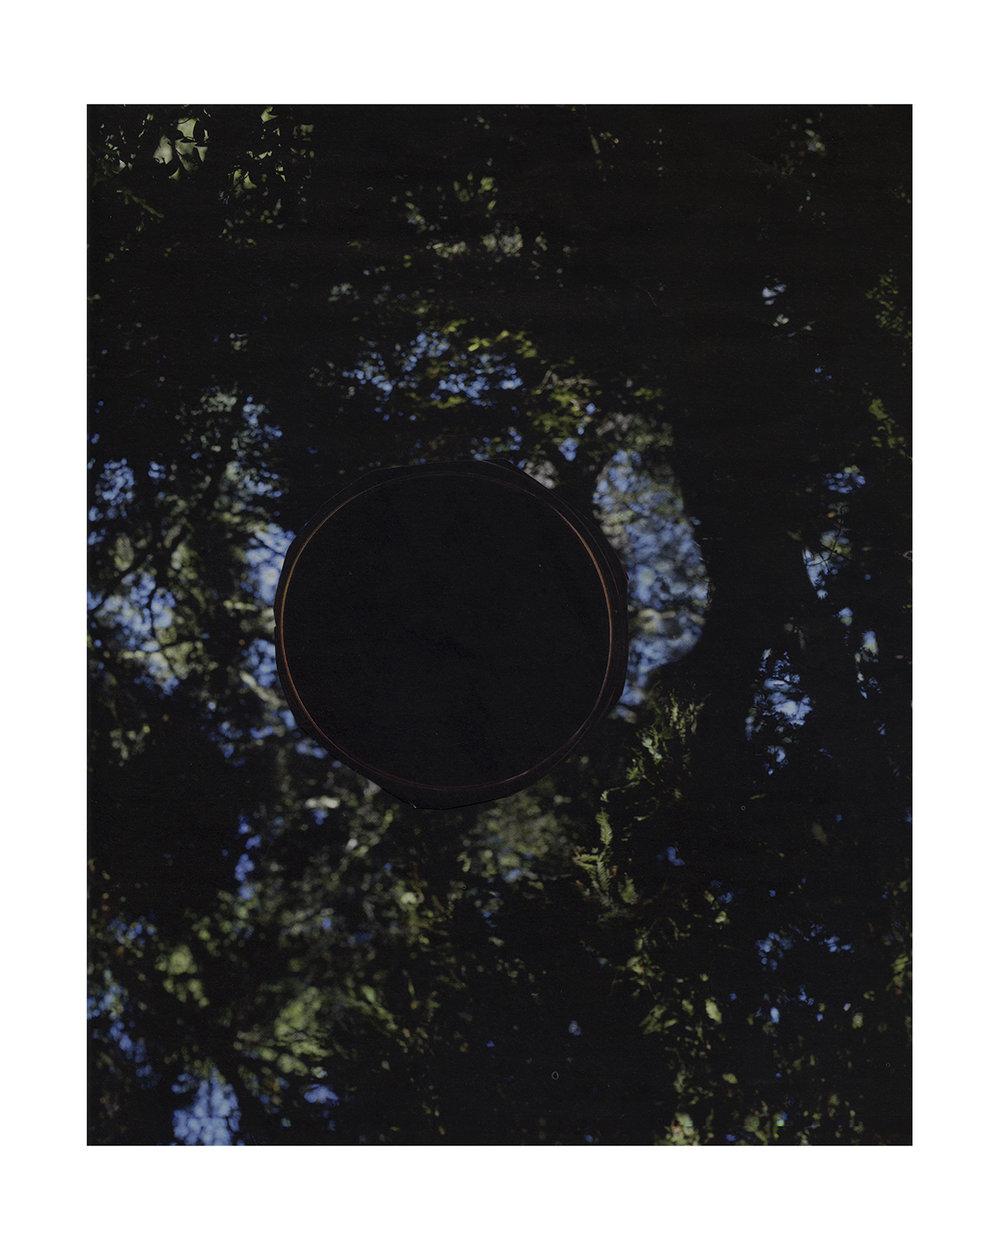 Dark matter days (12/9/16)